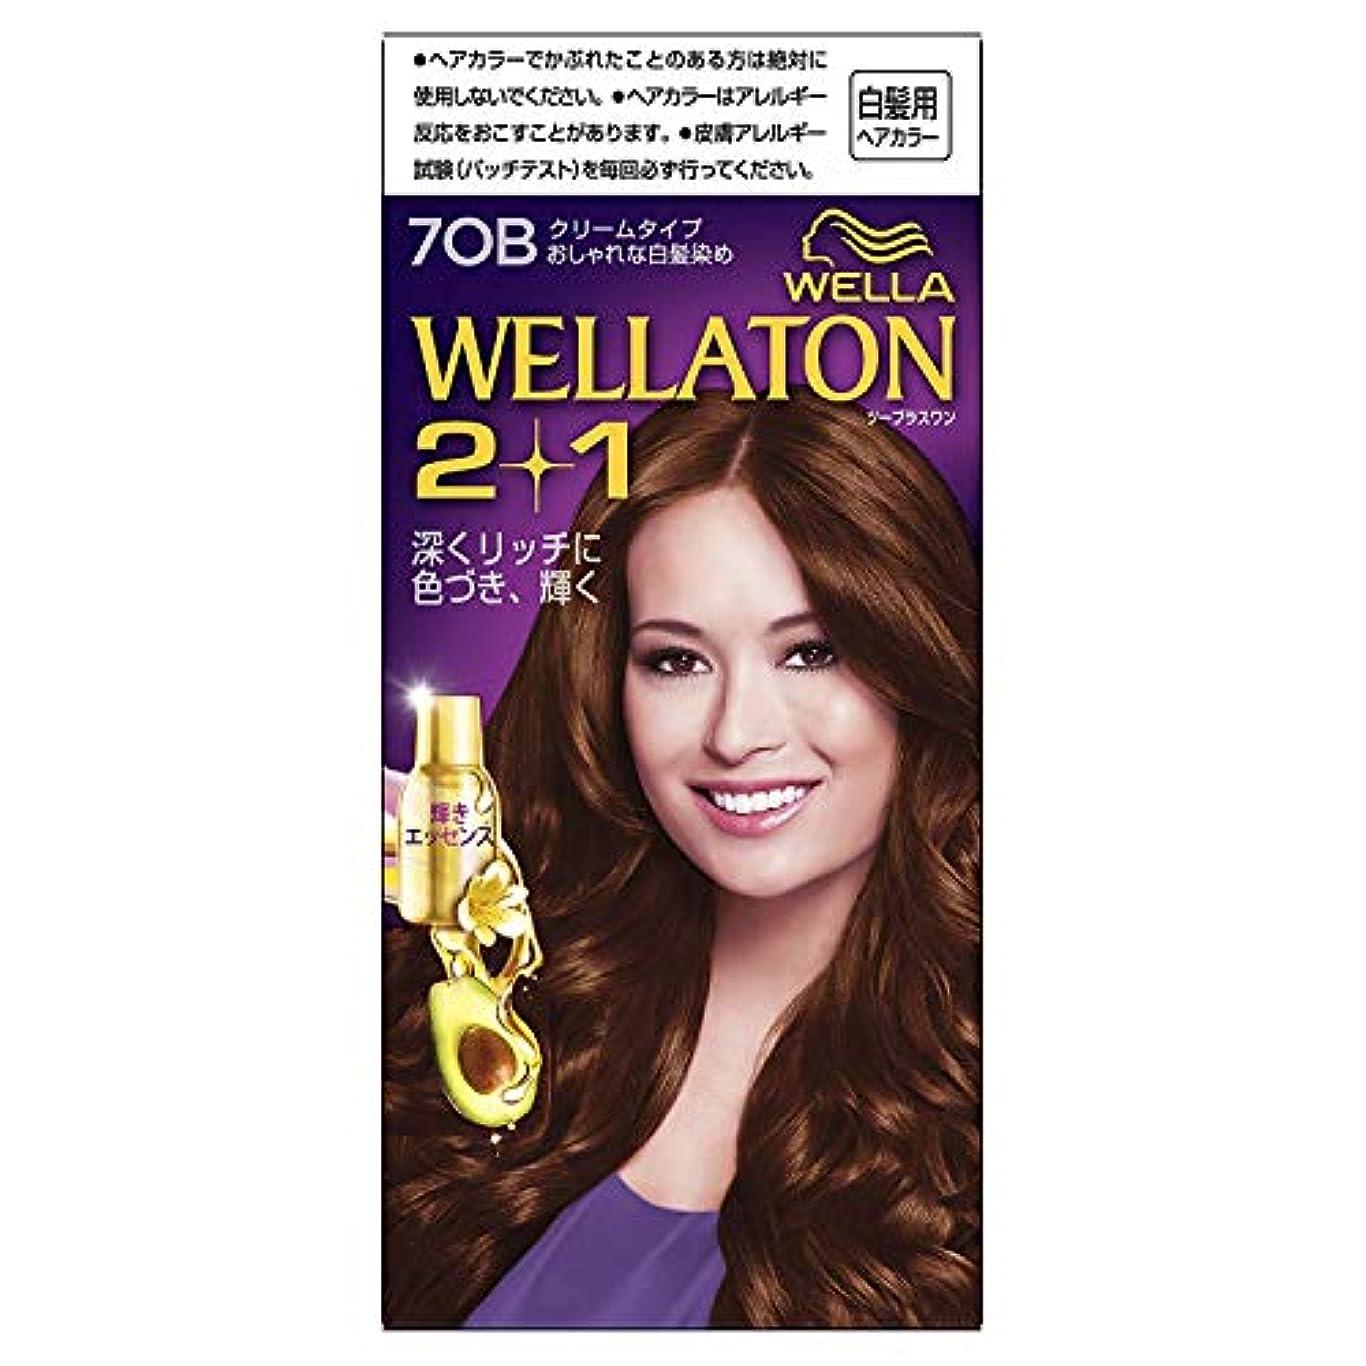 明日テニス冷蔵するウエラトーン2+1 白髪染め クリームタイプ 7OB [医薬部外品] ×6個